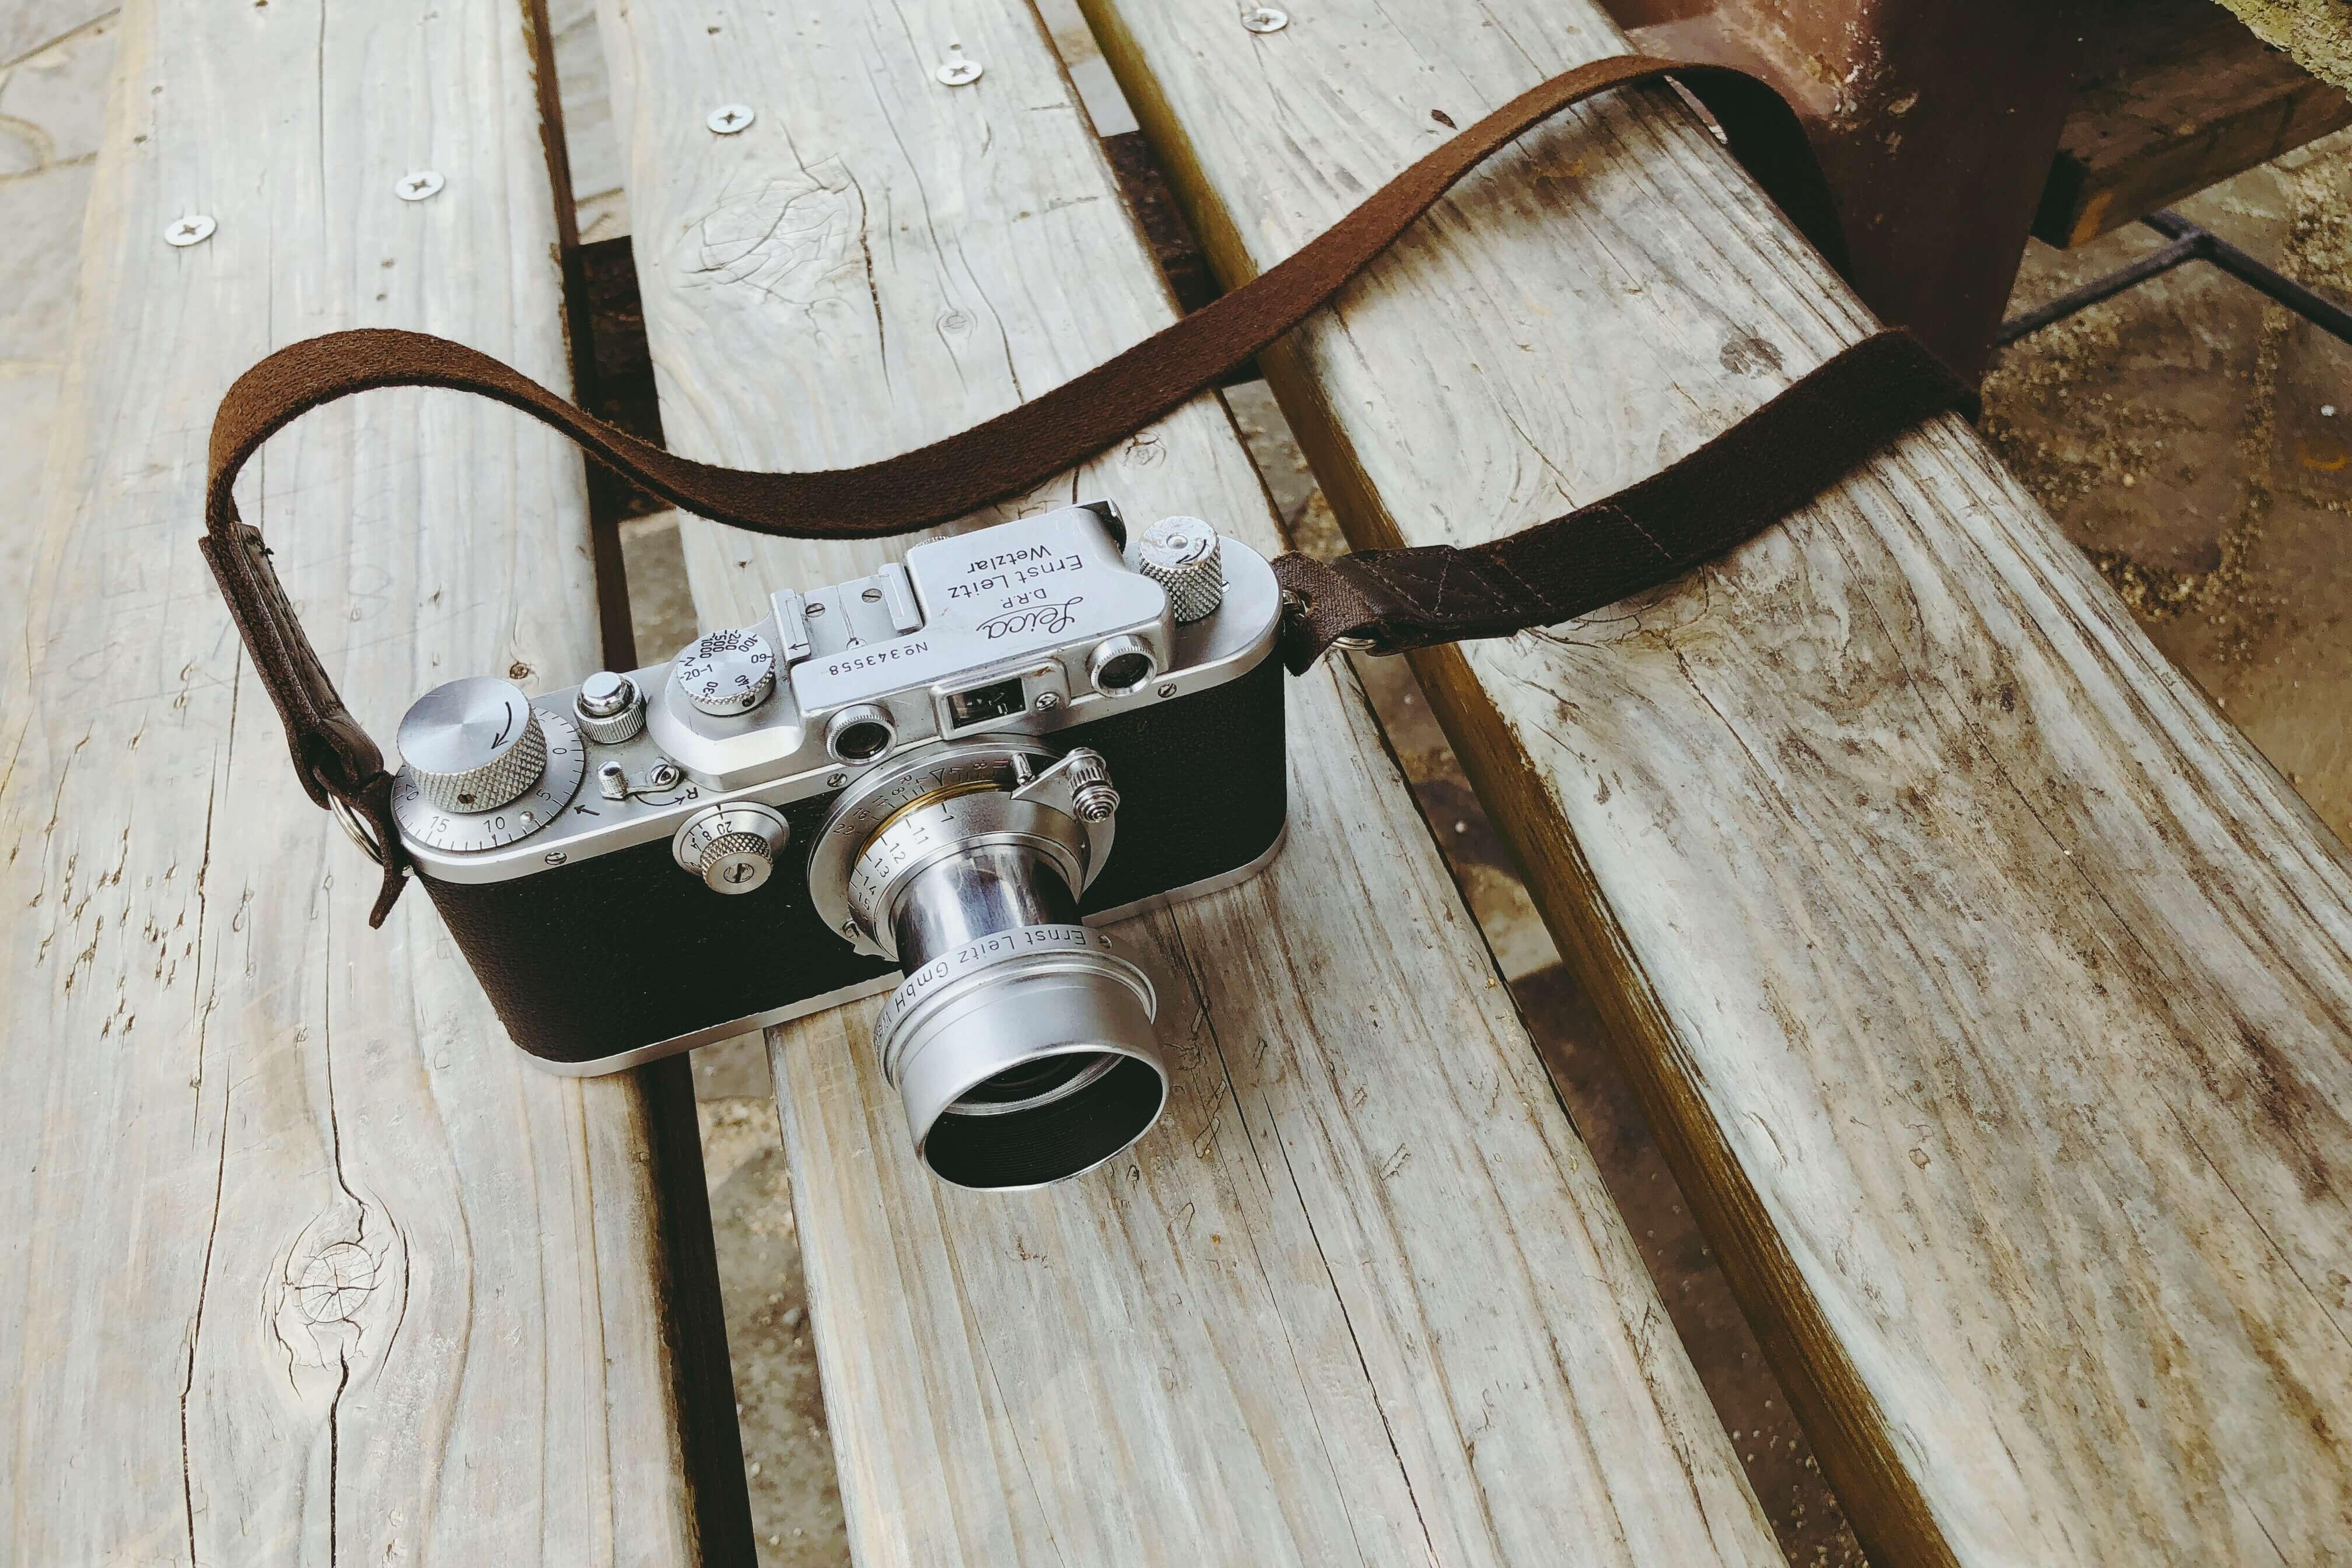 大人には遊び道具がいる。クラシックカメラとかロードバイクとか。